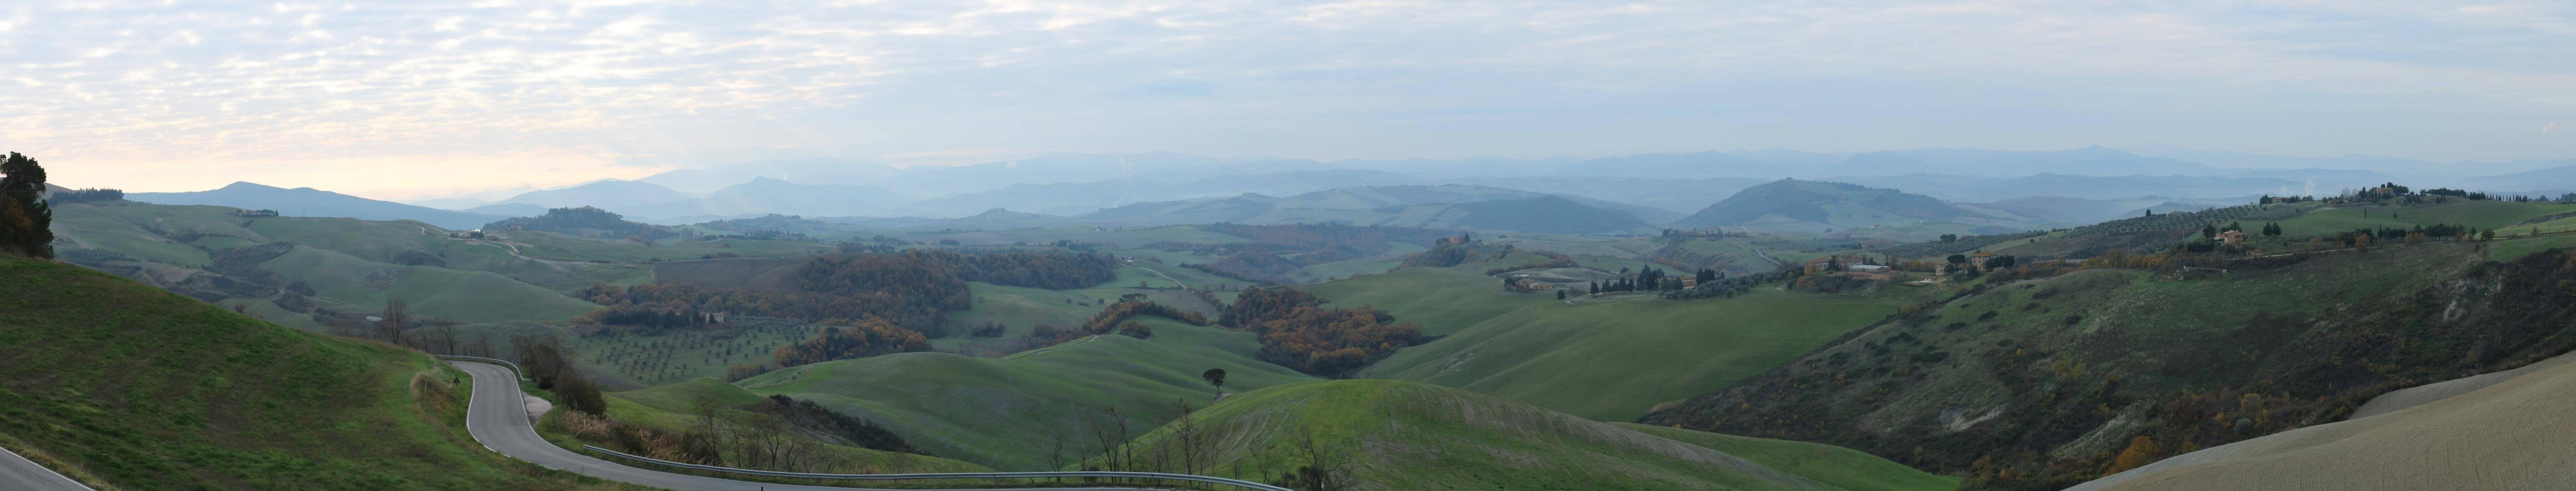 20151206 - 007p - San Gimignano